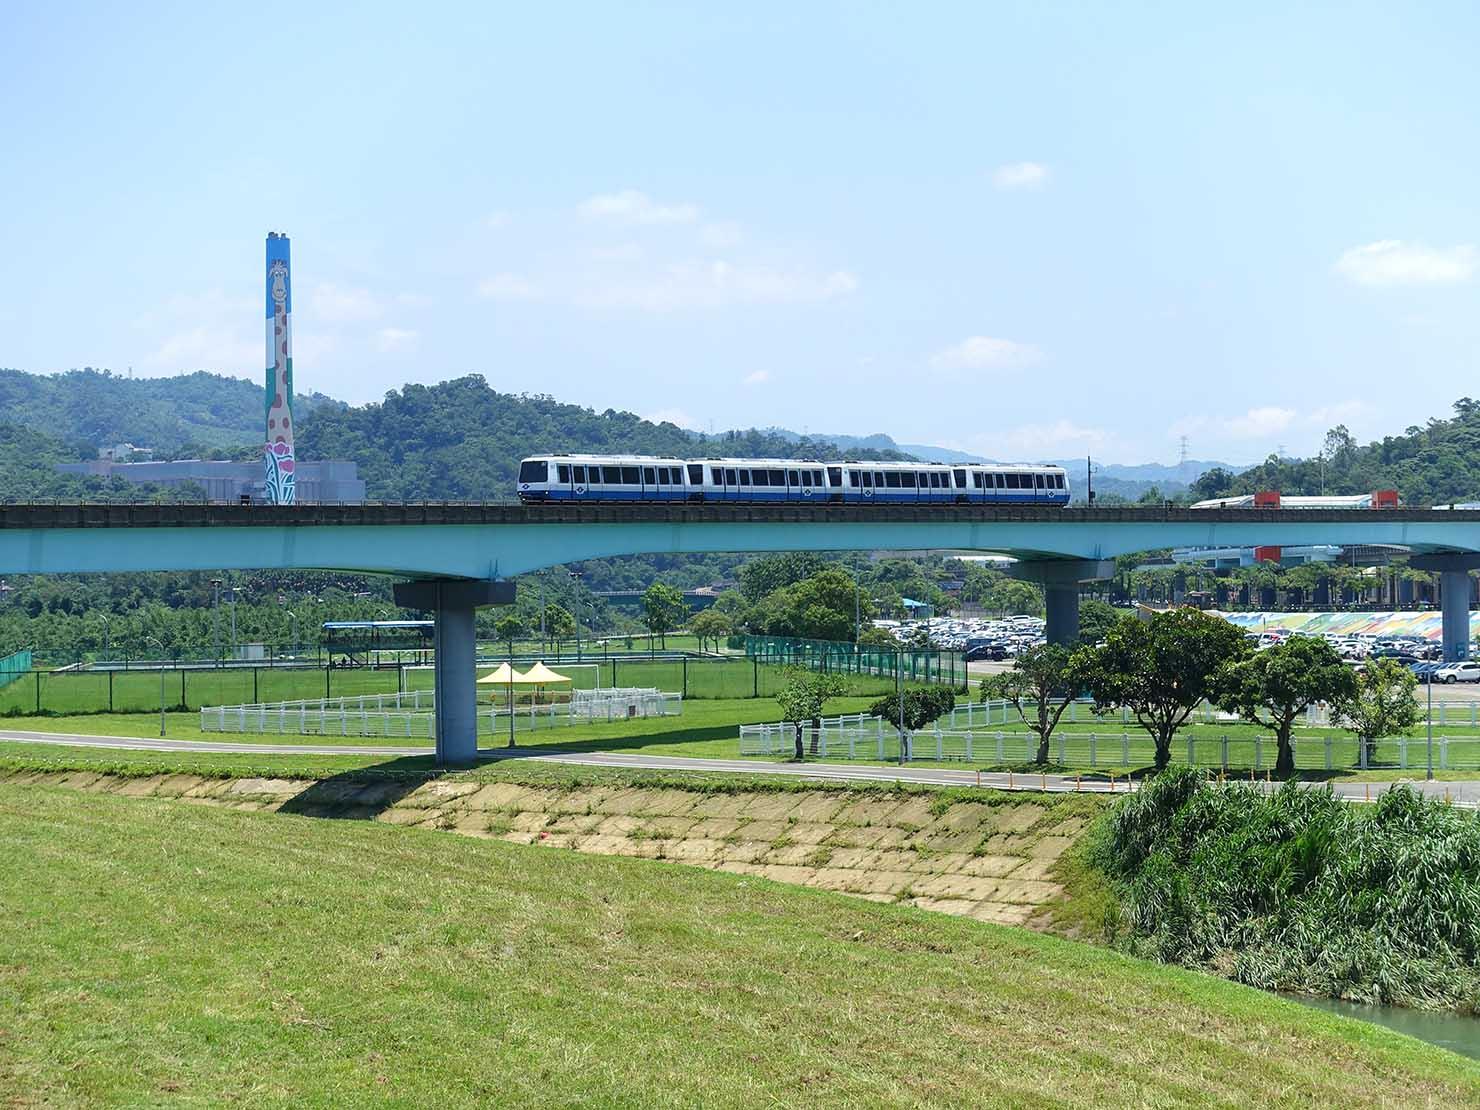 台北一周自転車道「道南河濱公園」から眺める捷運文湖線